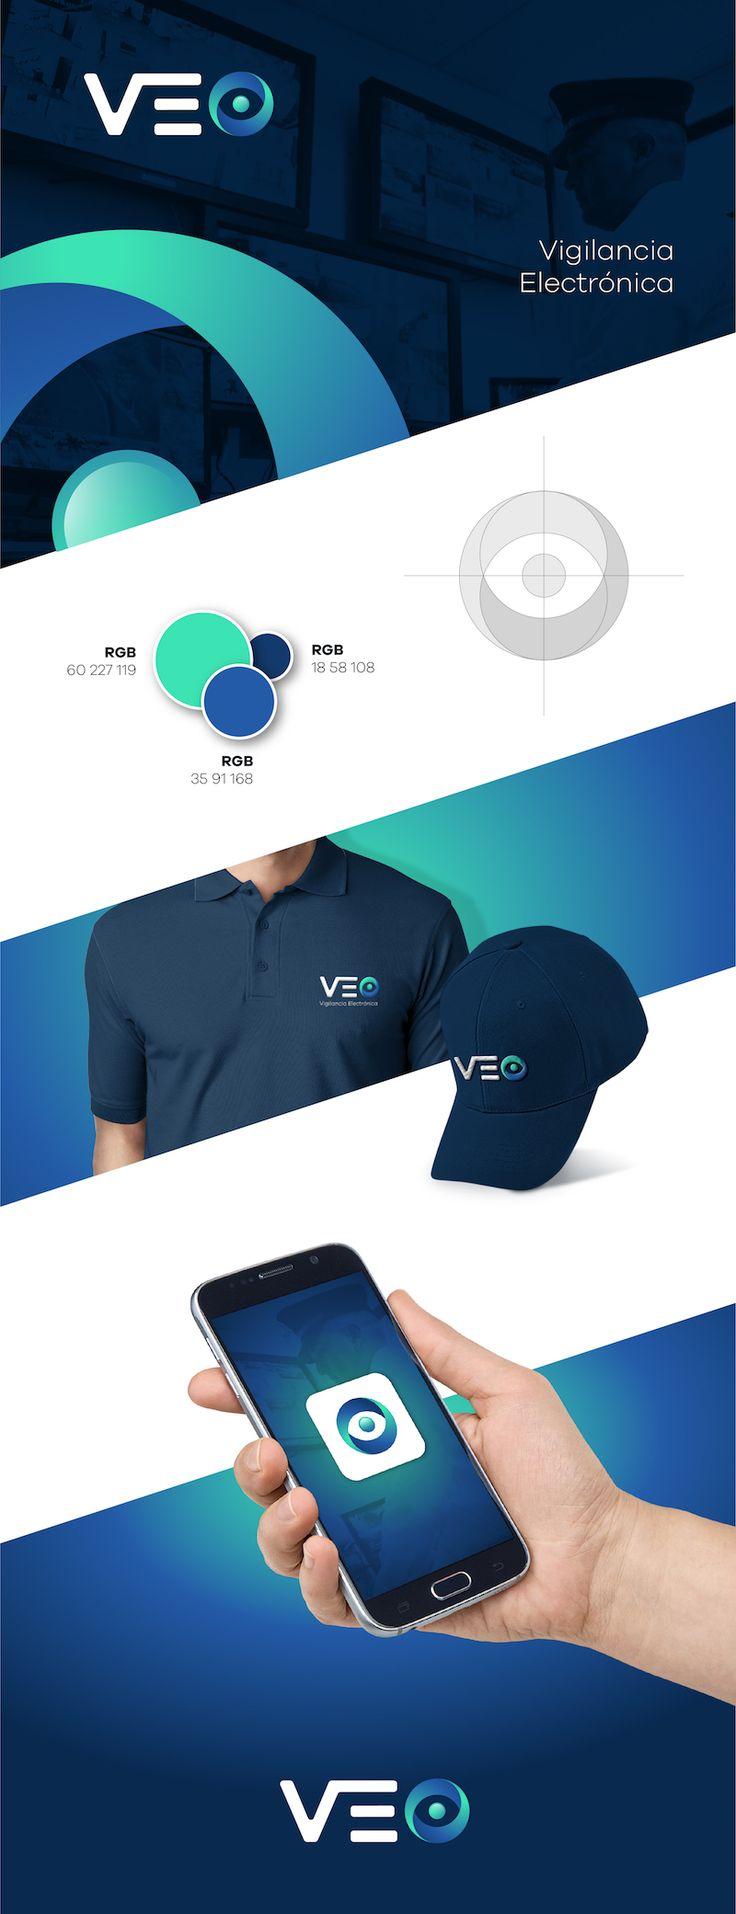 VEO - Logo Vigilancia Electronica Marcas Diseño interactivo Diseño gráfico